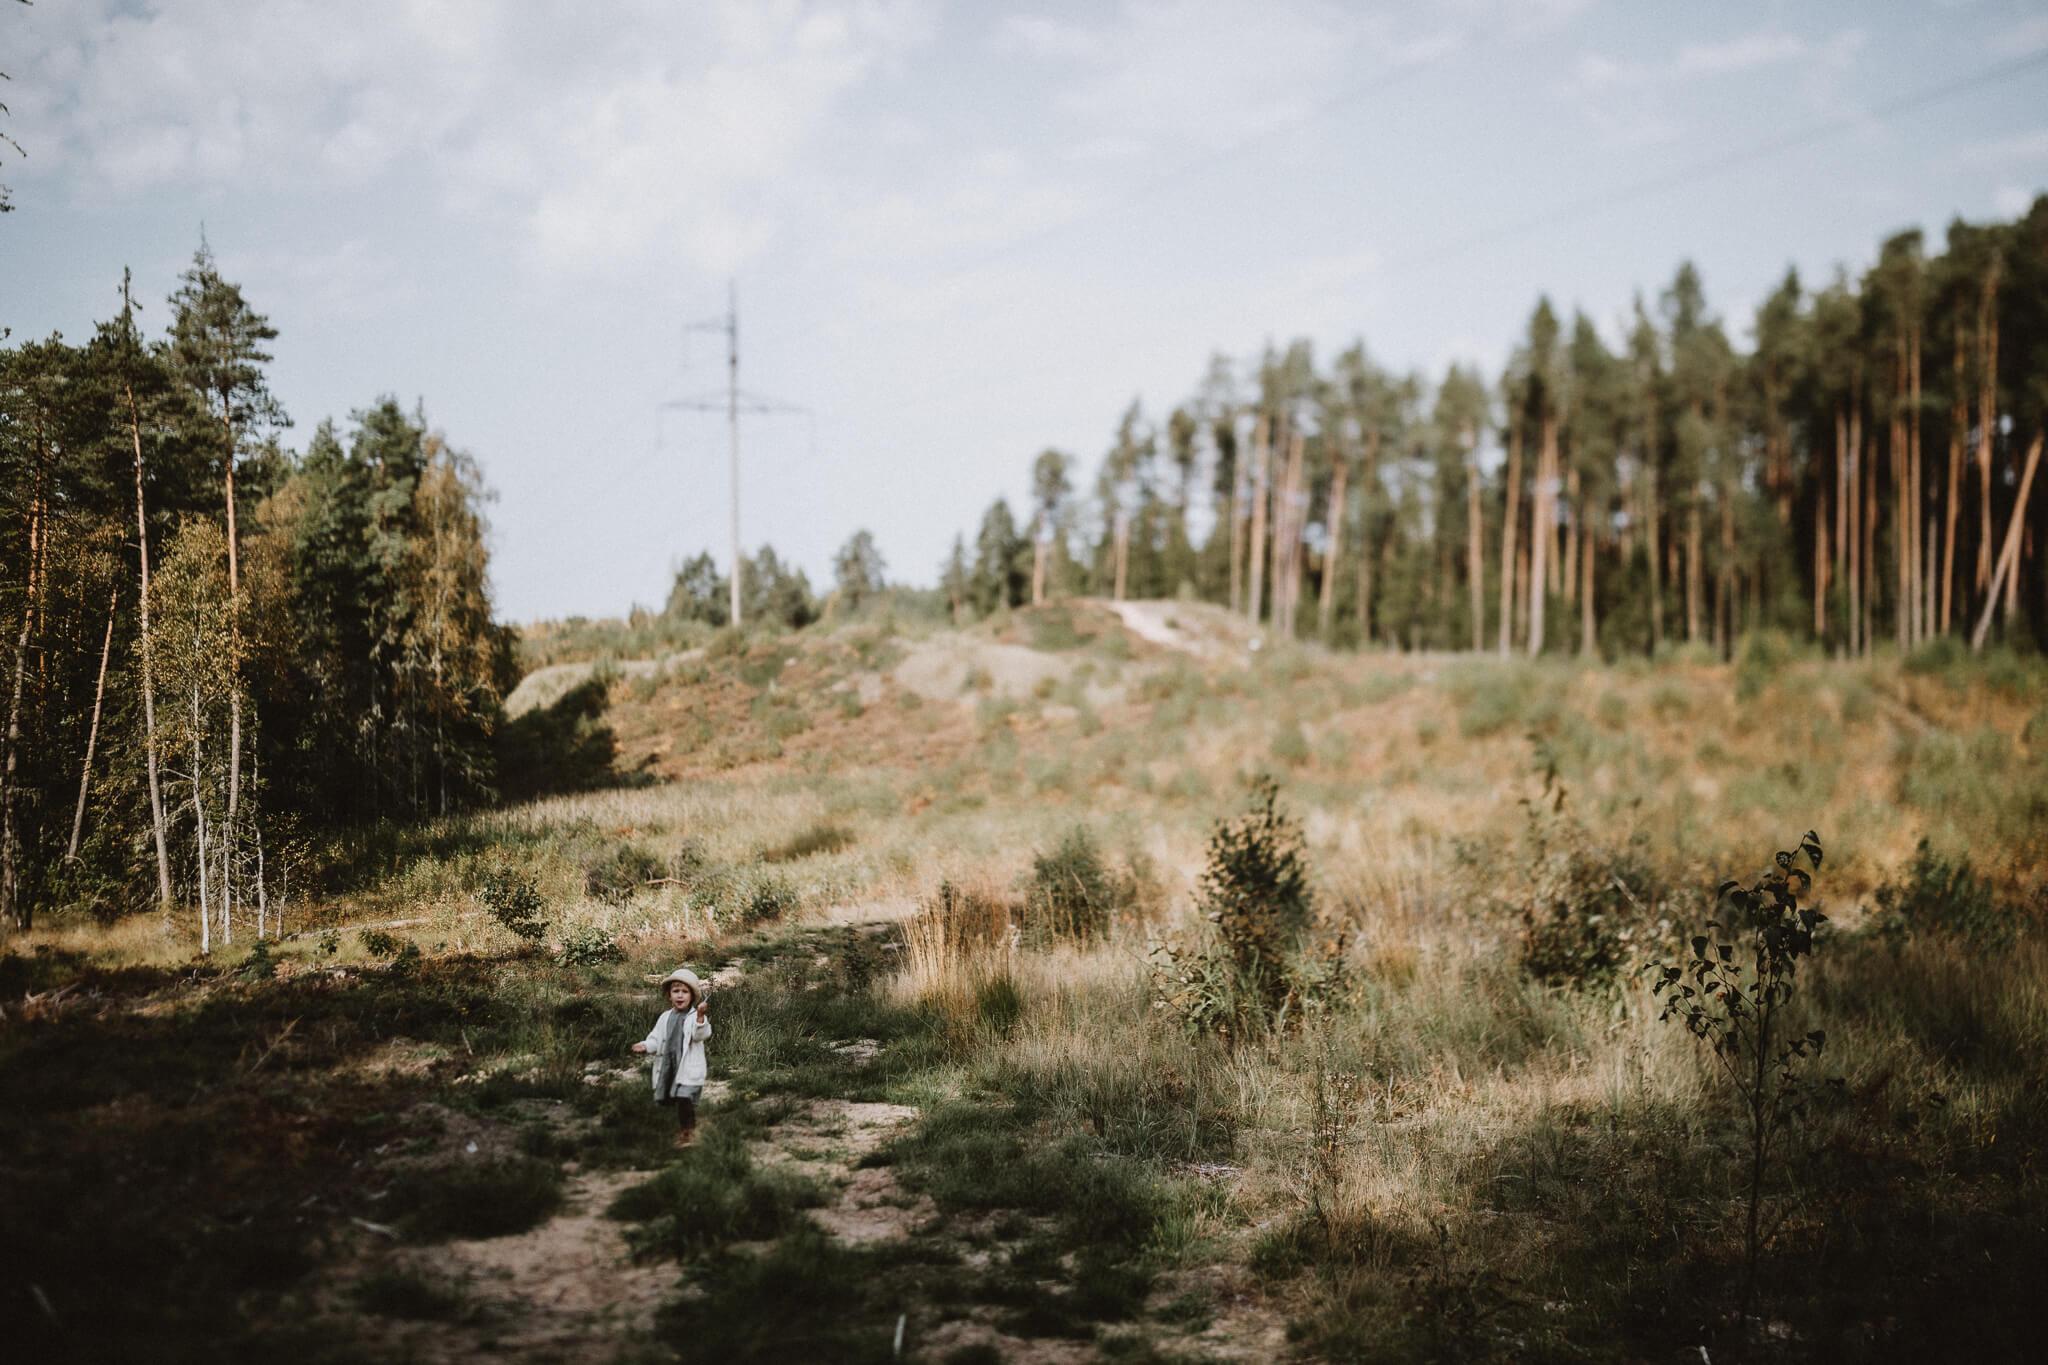 Väike tüdruk jalutab metsalagendikul